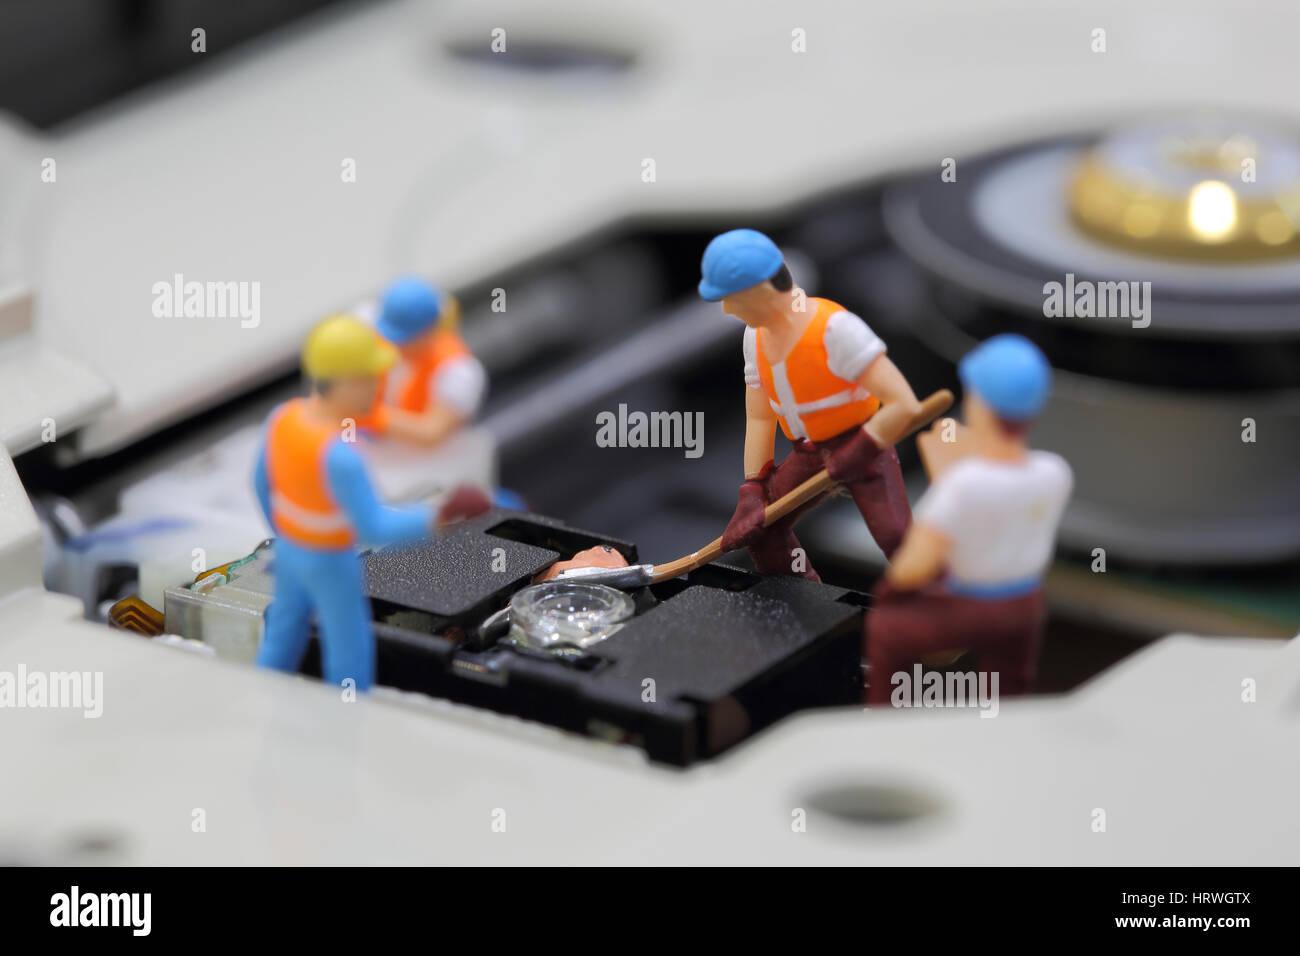 El enfoque selectivo de ingeniero en miniatura y trabajador fijo para limpiar el lector de CD ROM de la placa base Foto de stock